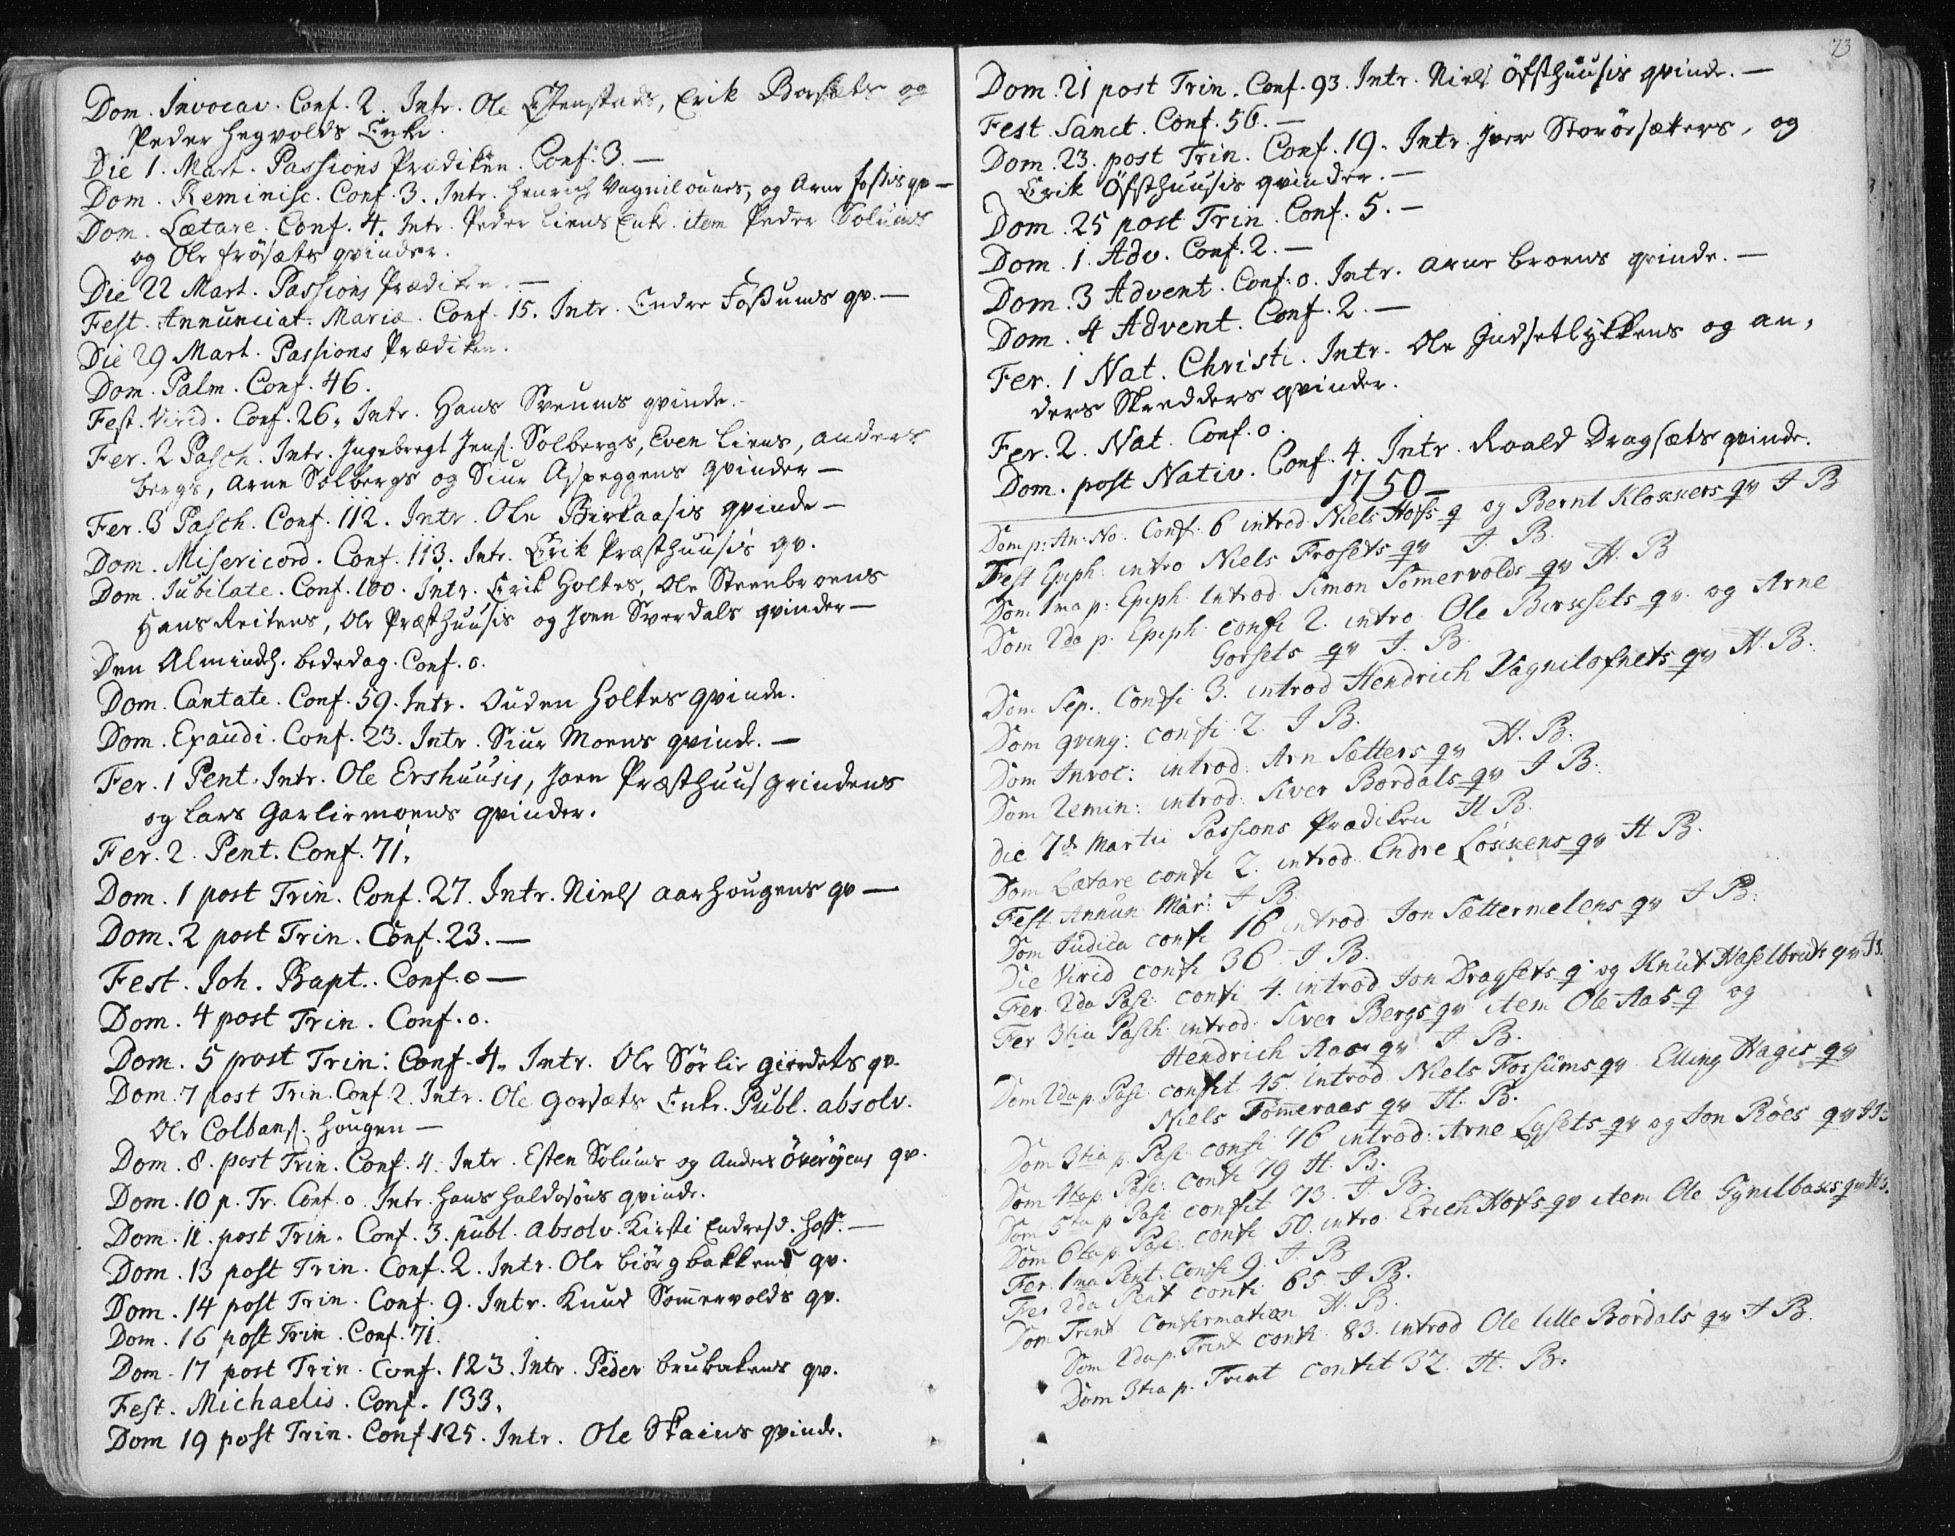 SAT, Ministerialprotokoller, klokkerbøker og fødselsregistre - Sør-Trøndelag, 687/L0991: Ministerialbok nr. 687A02, 1747-1790, s. 73